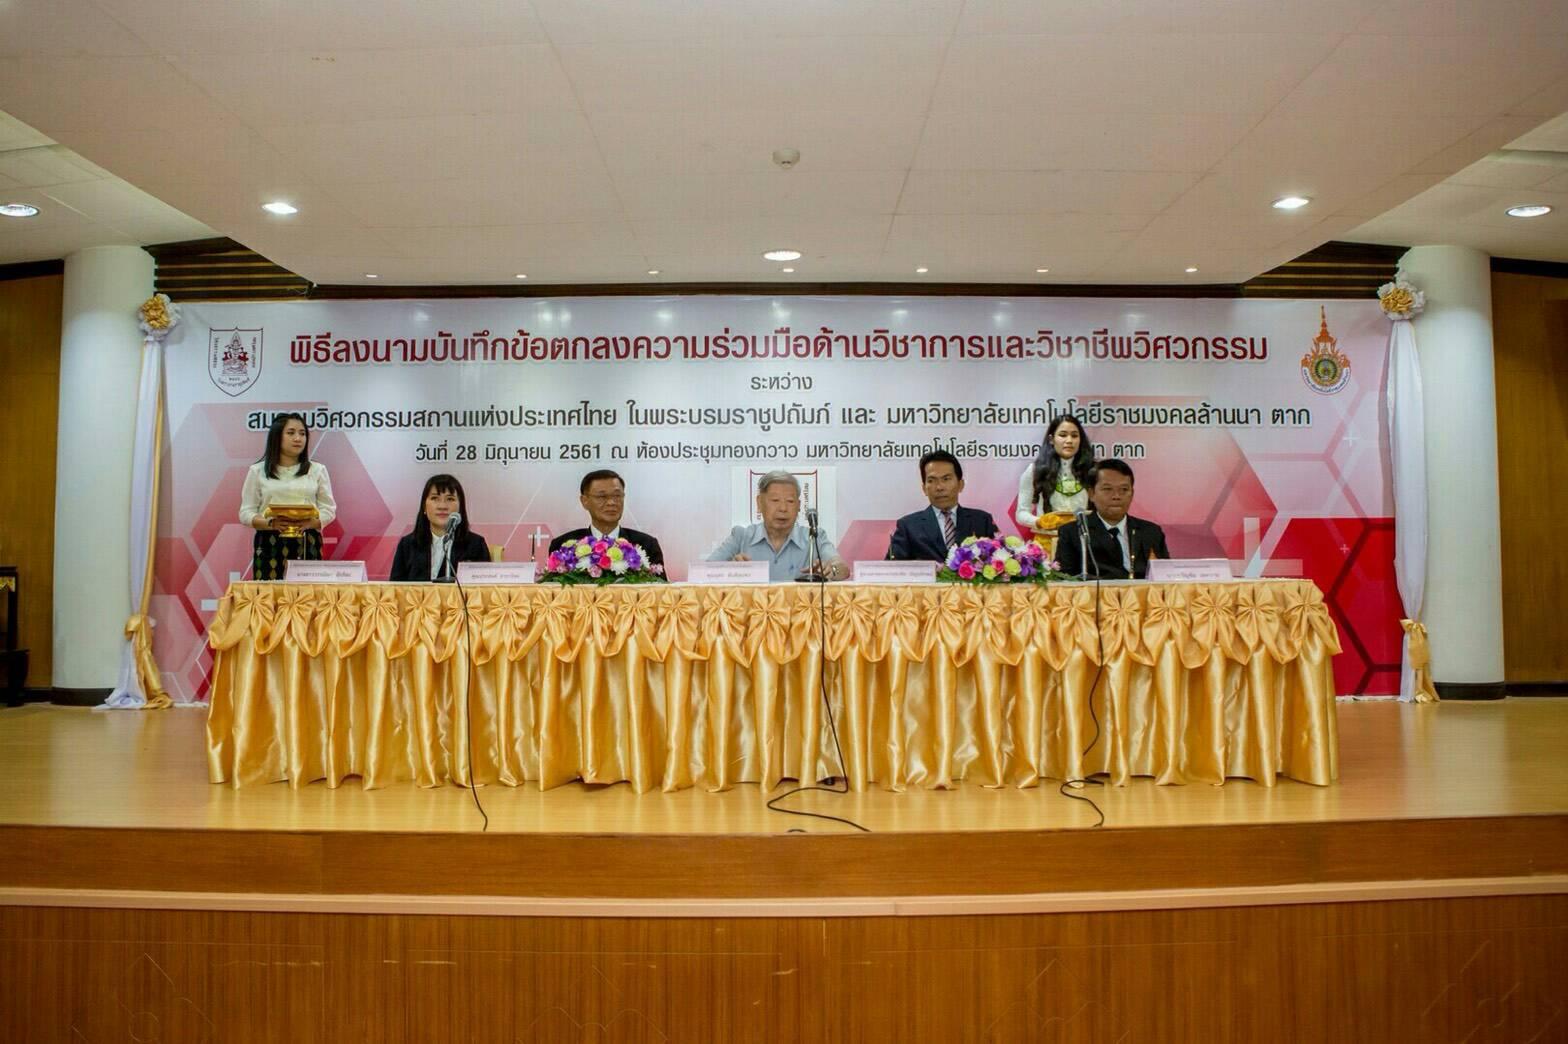 คุณประสงค์ ธาราไชย ที่ปรึกษาสมาคม และคุณวรรณิษา จักภิละ ประธานสาขาภาคตะวันตก วิศวกรรมสถานแห่งประเทศไทยฯ ได้ร่วมพิธีลงนามความร่วมมือทางด้านวิชาการและวิชาชีพวิศวกรรมร่วมกับมหาวิทยาลัยเทคโนโลยีราชมงคลล้านนา ตาก